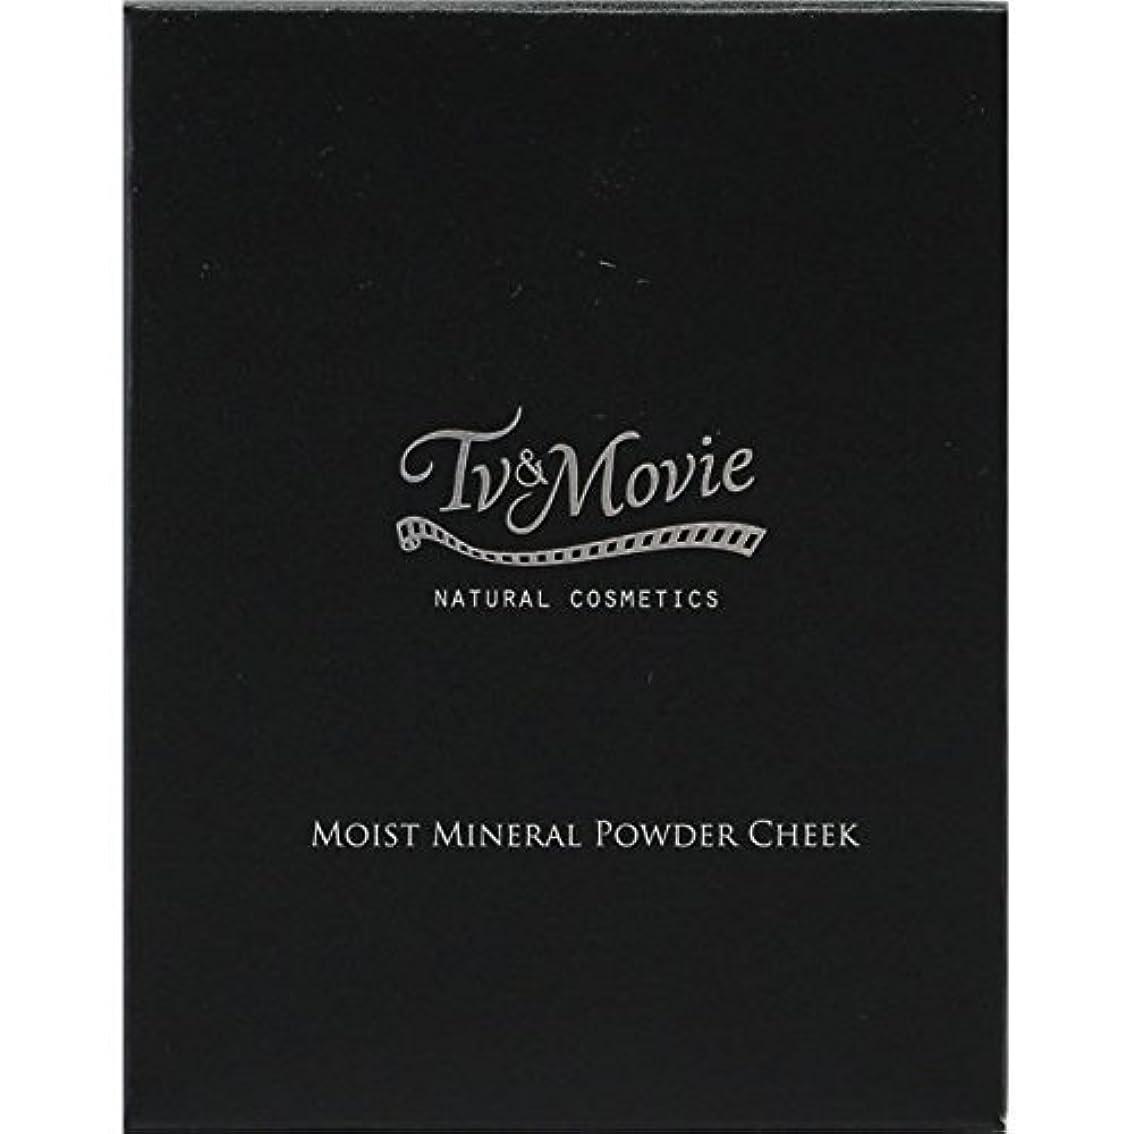 目覚める懐シングルTv&Movie モイストミネラル パウダーチーク 02 スイートオレンジ 5g